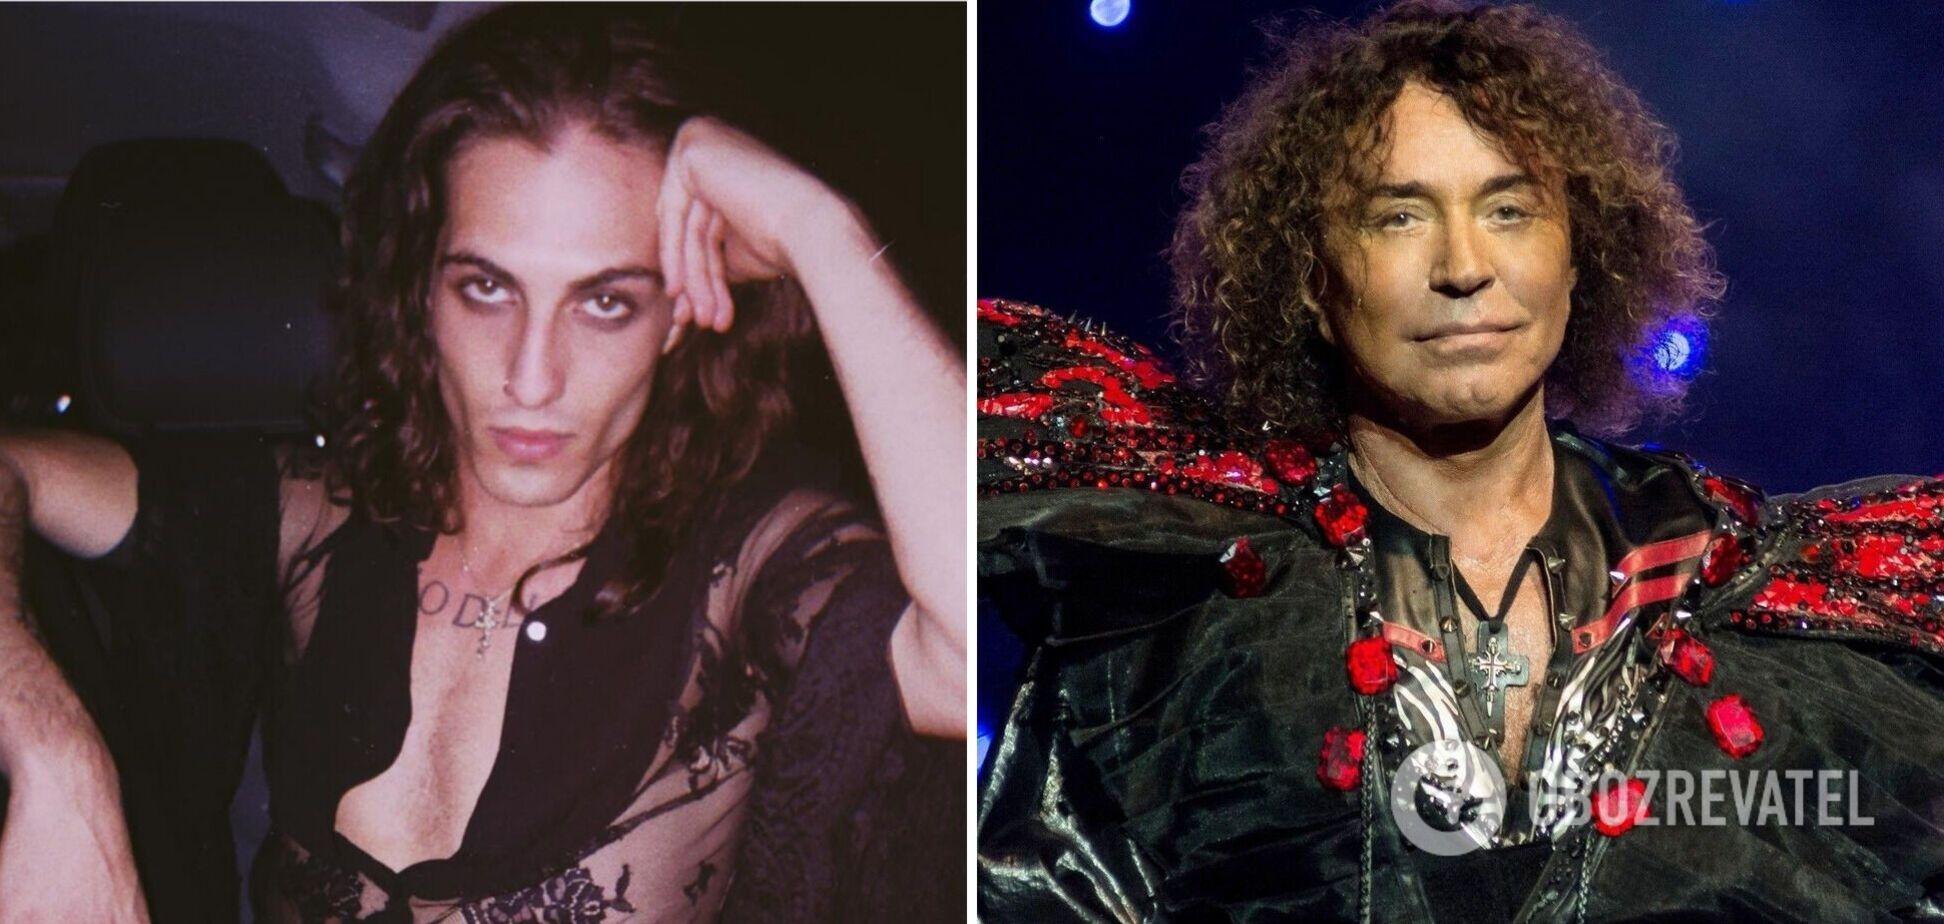 Солист Måneskin подражает Леонтьеву? В сети сравнили фото двух эпатажных певцов